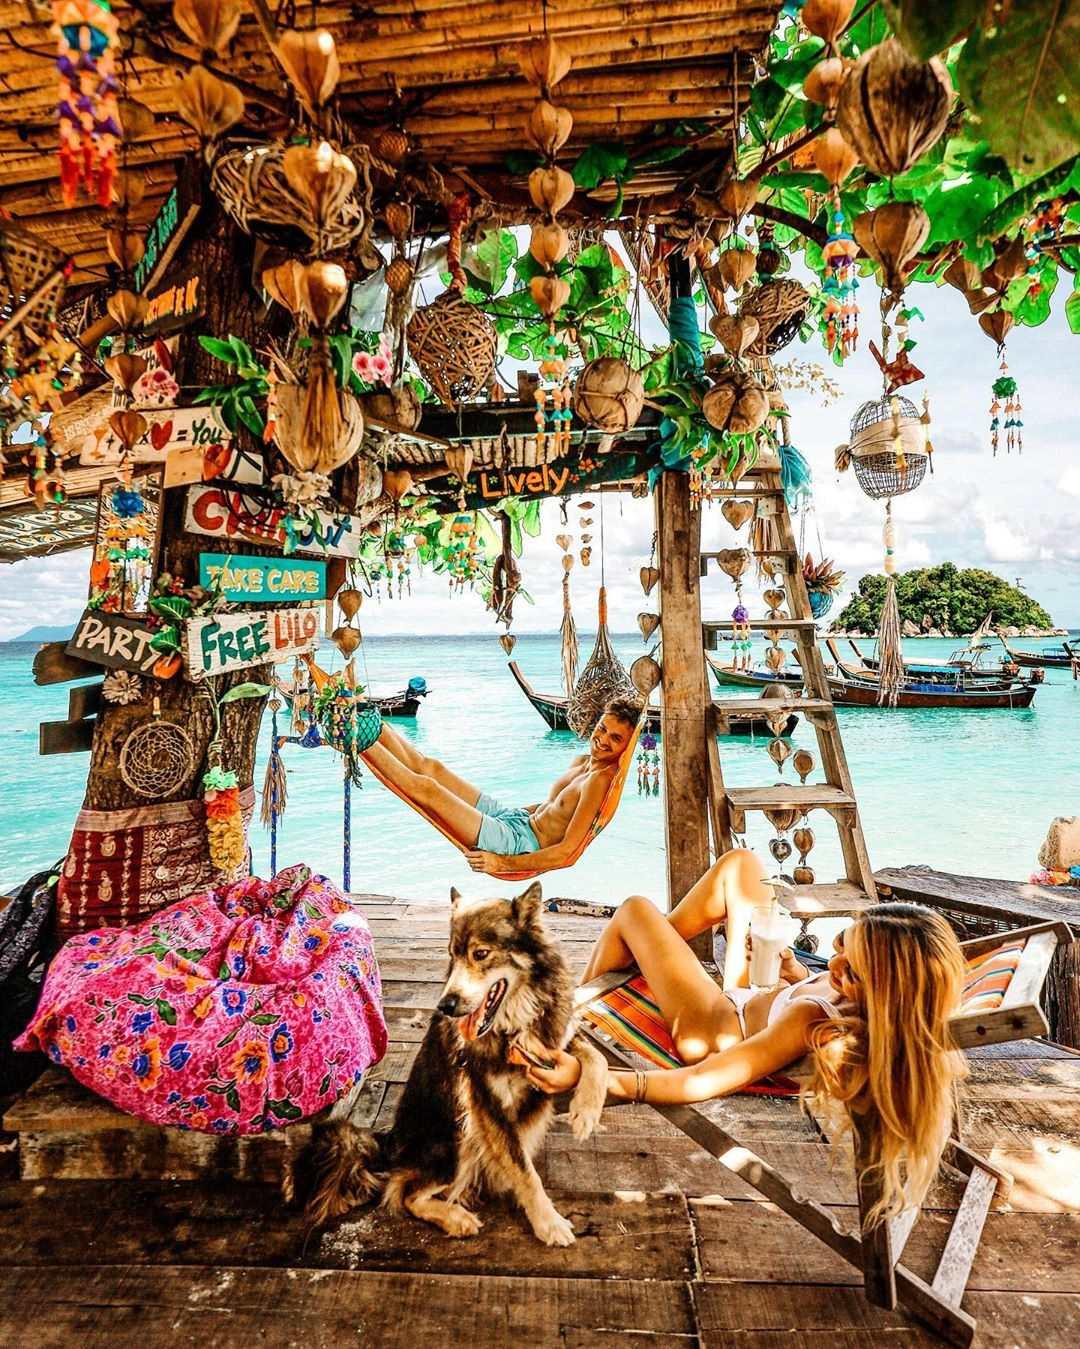 The decorations at Sea La Vie on Sunrise Beach, Koh Lipe